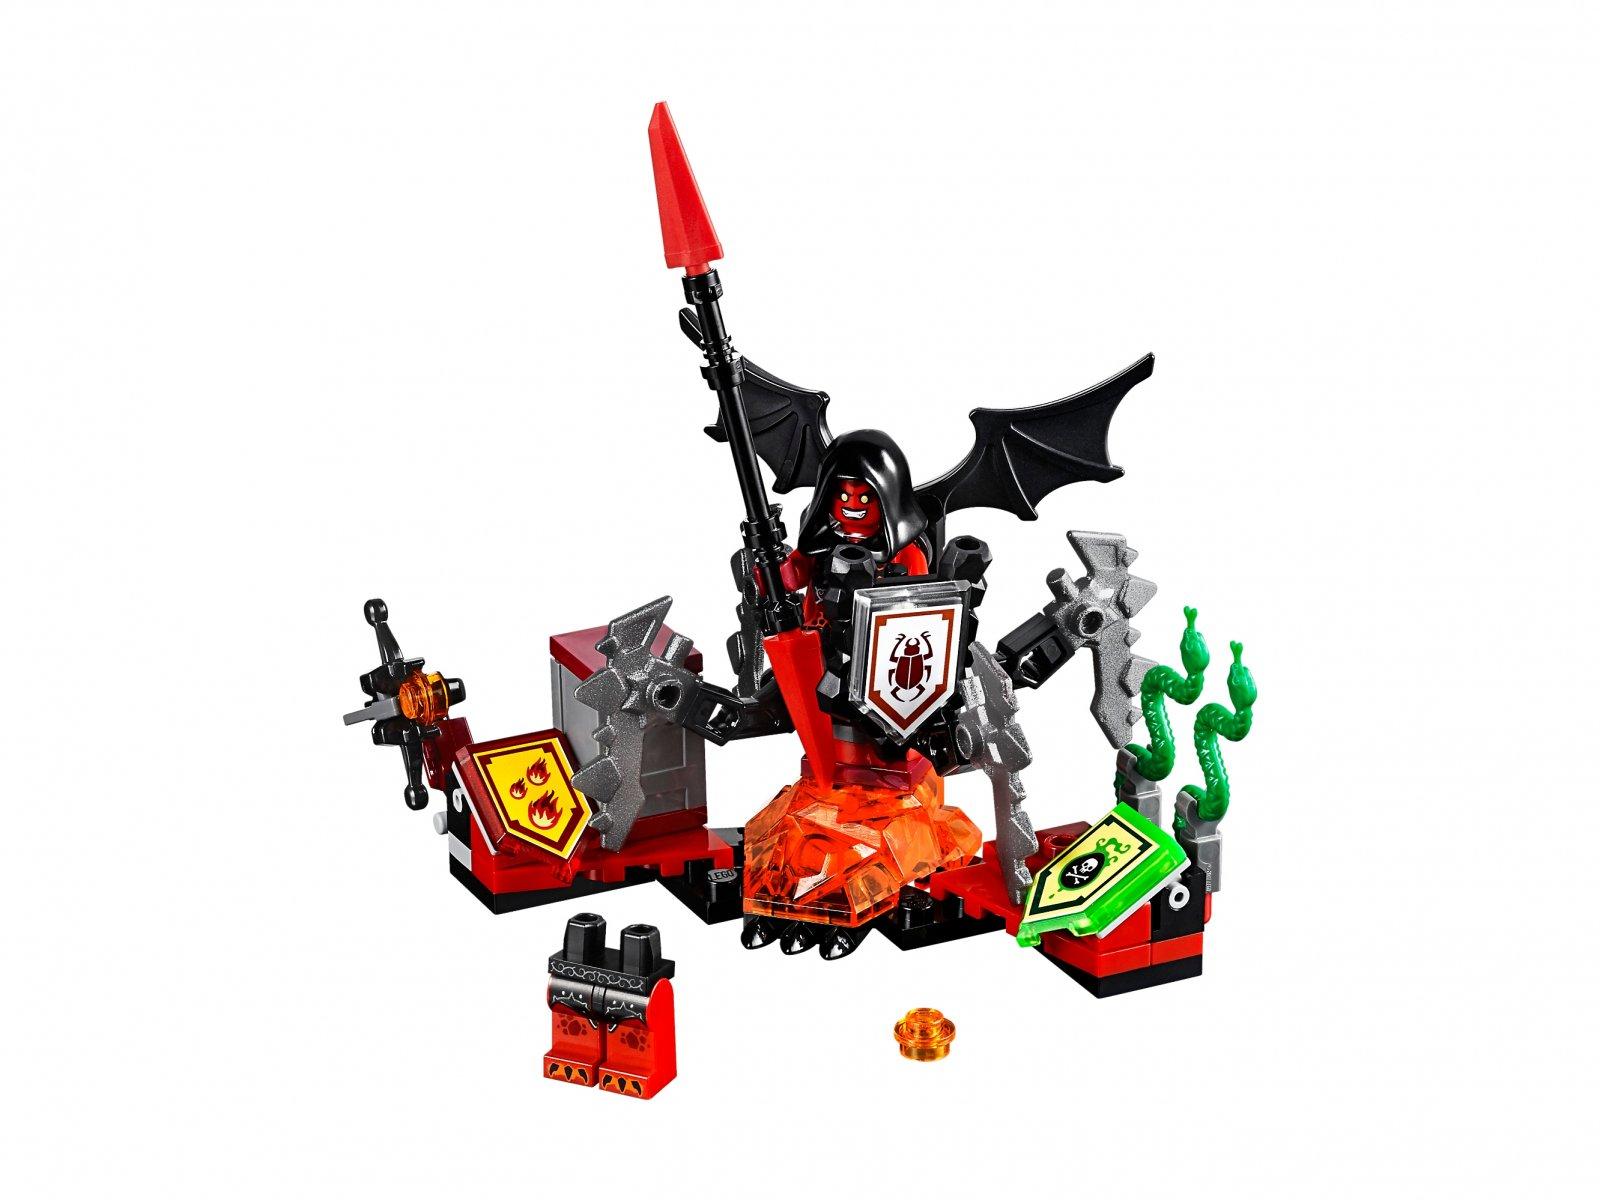 LEGO 70335 Lavaria